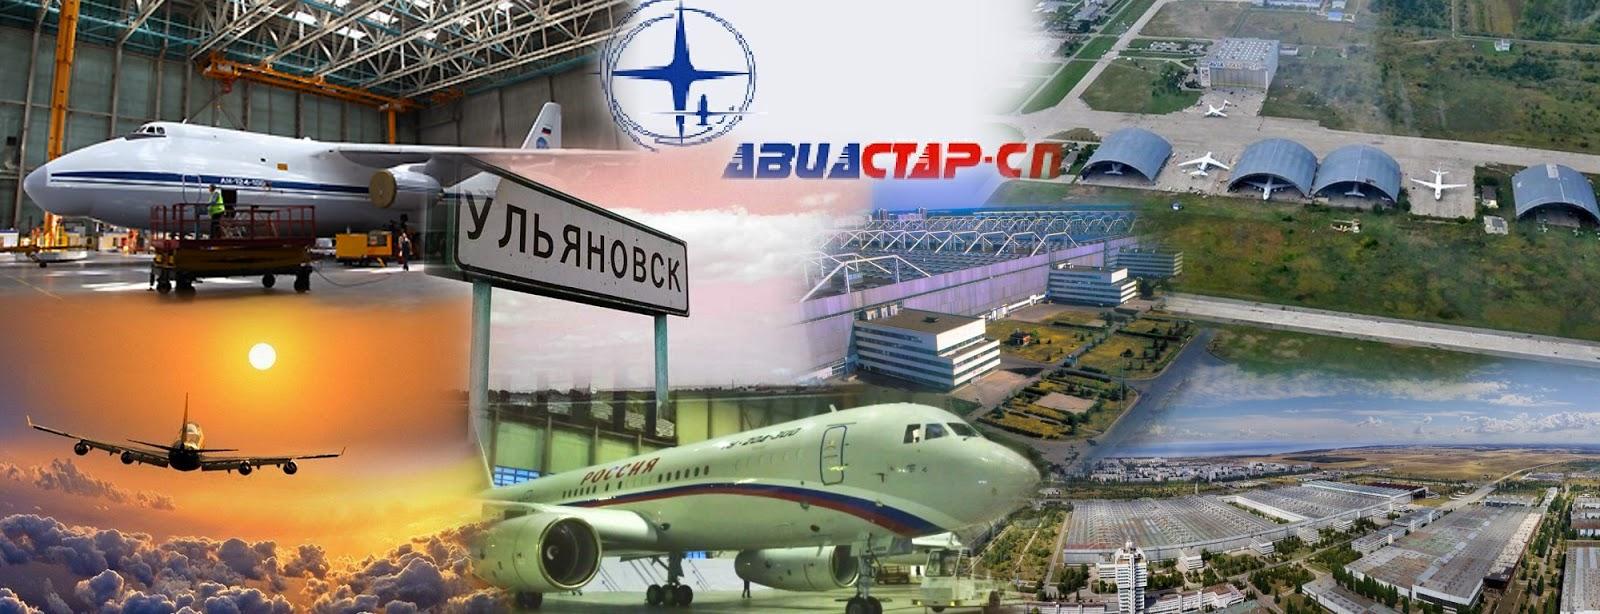 Ульяновск. В АО «Авиастар-СП» пройдет День открытых дверей